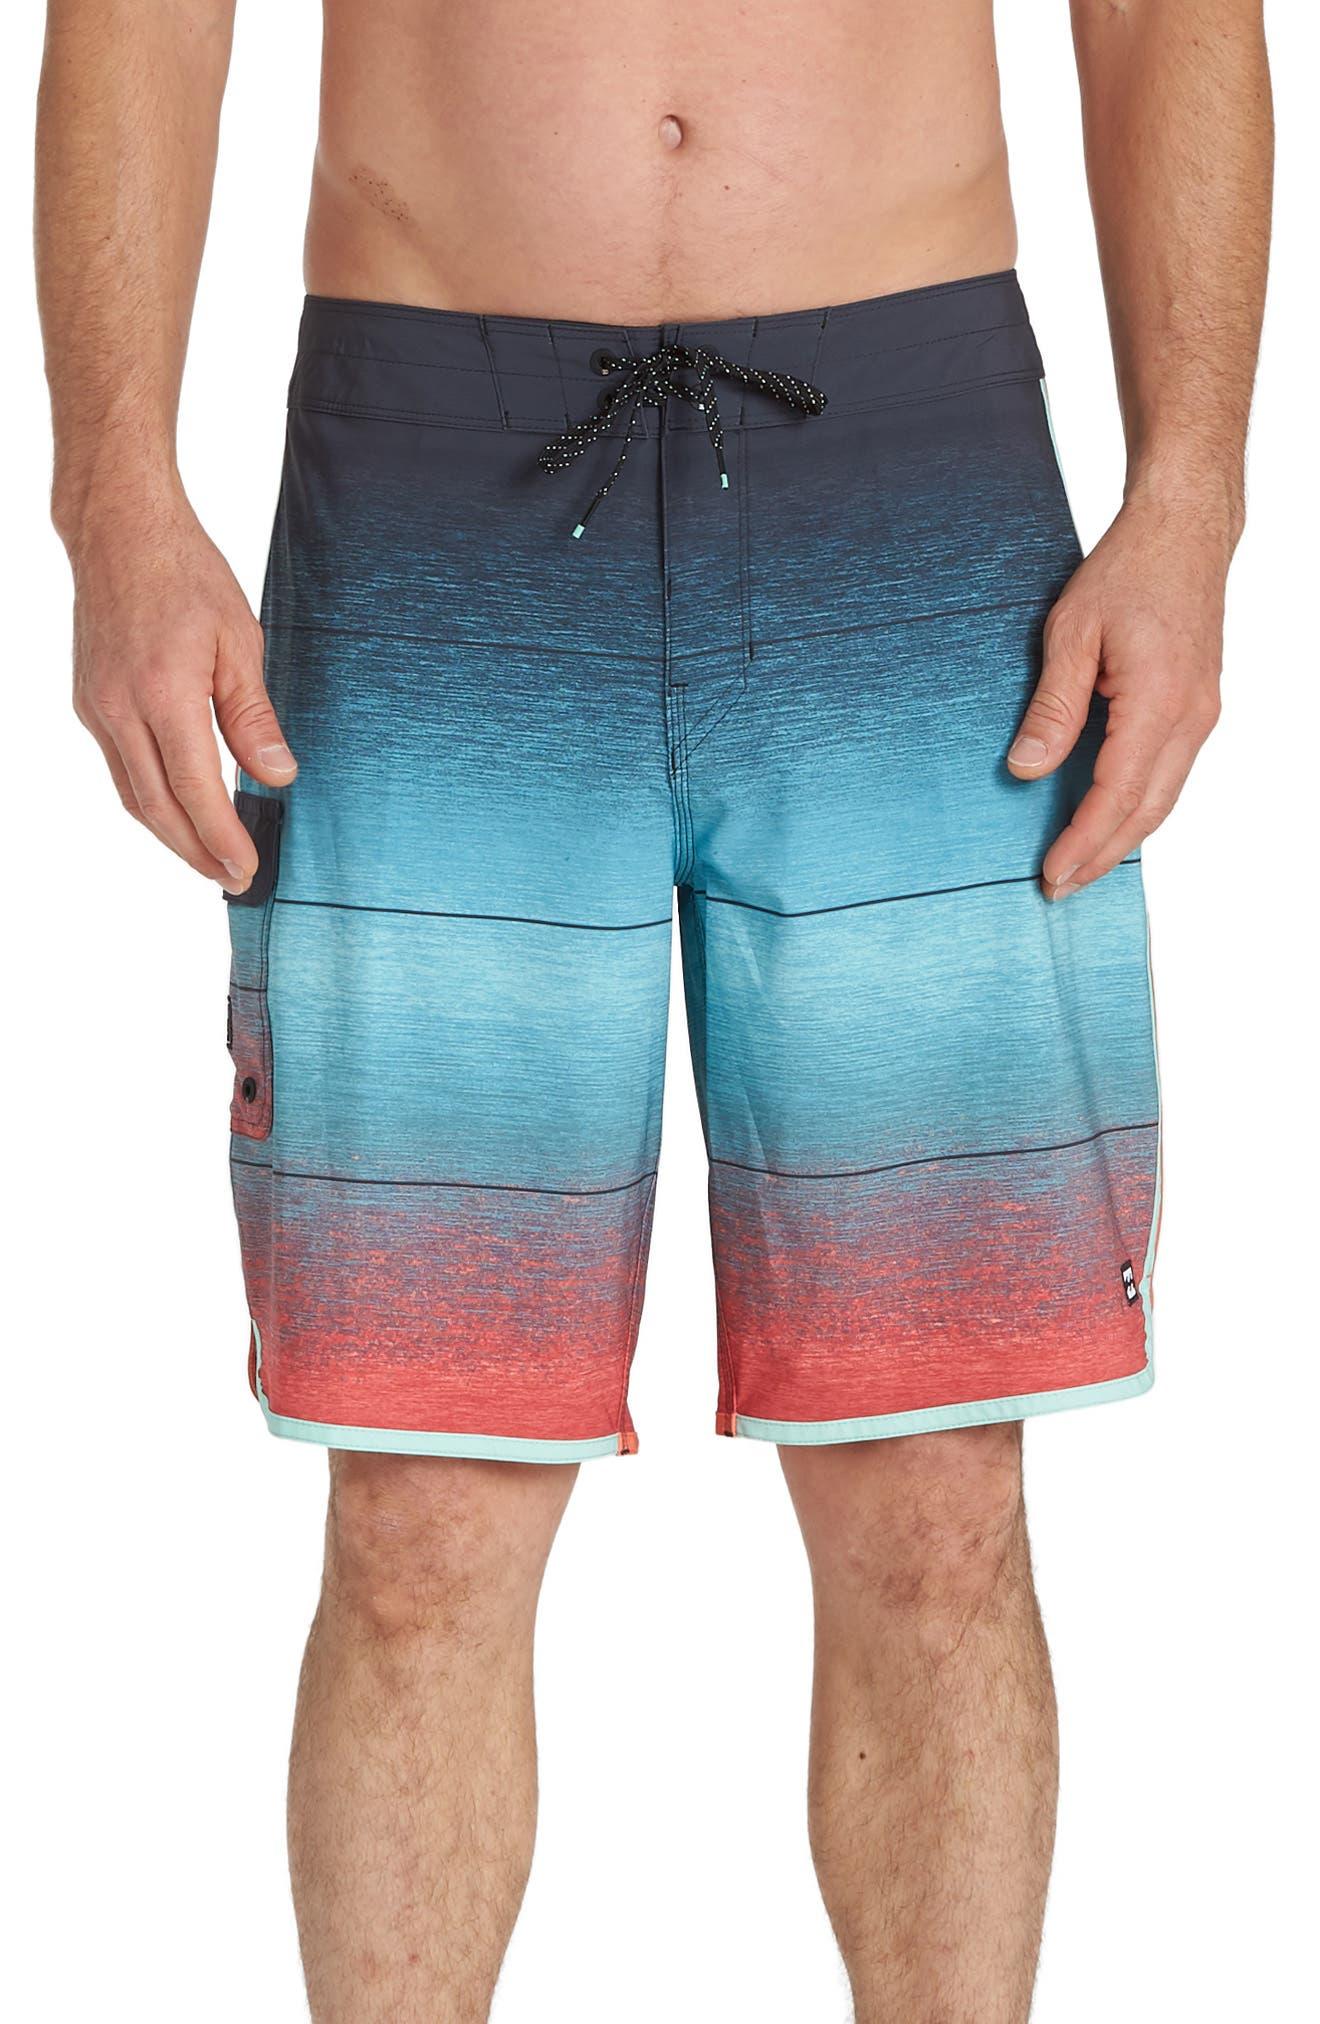 Billabong 73 Pro Board Shorts, Blue/green